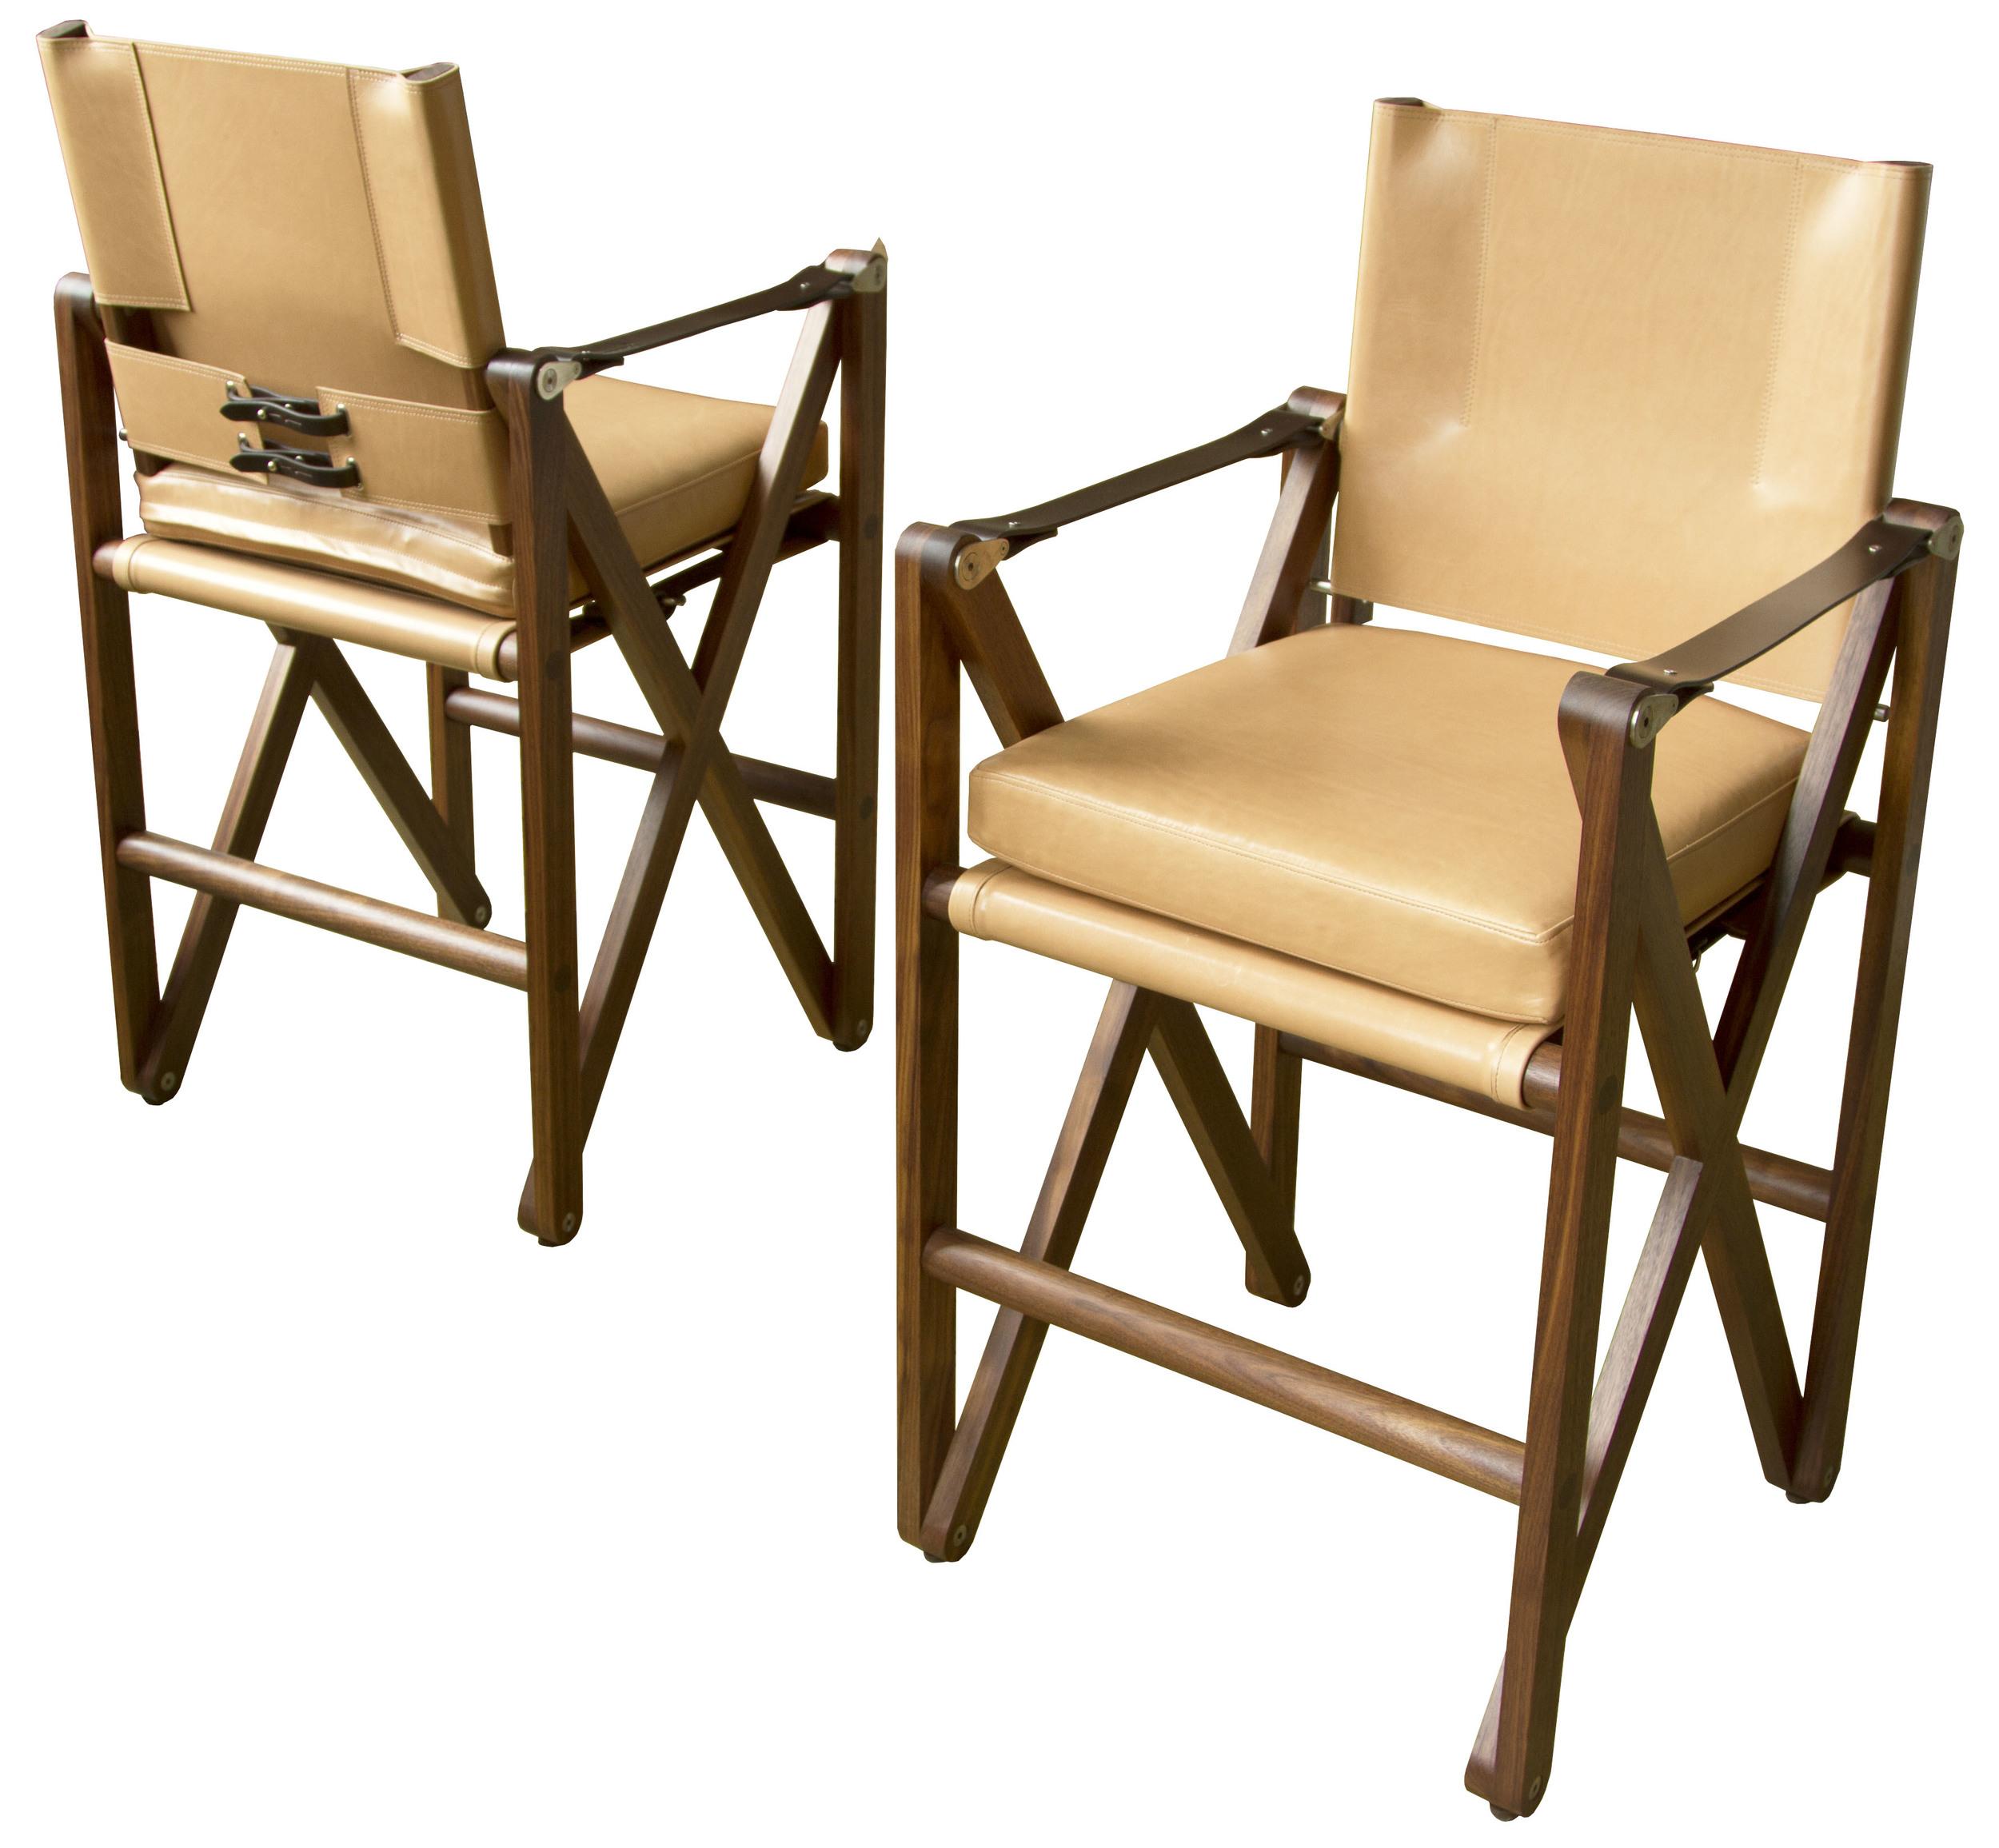 MacLaren Bar Chair in walnut - oiled